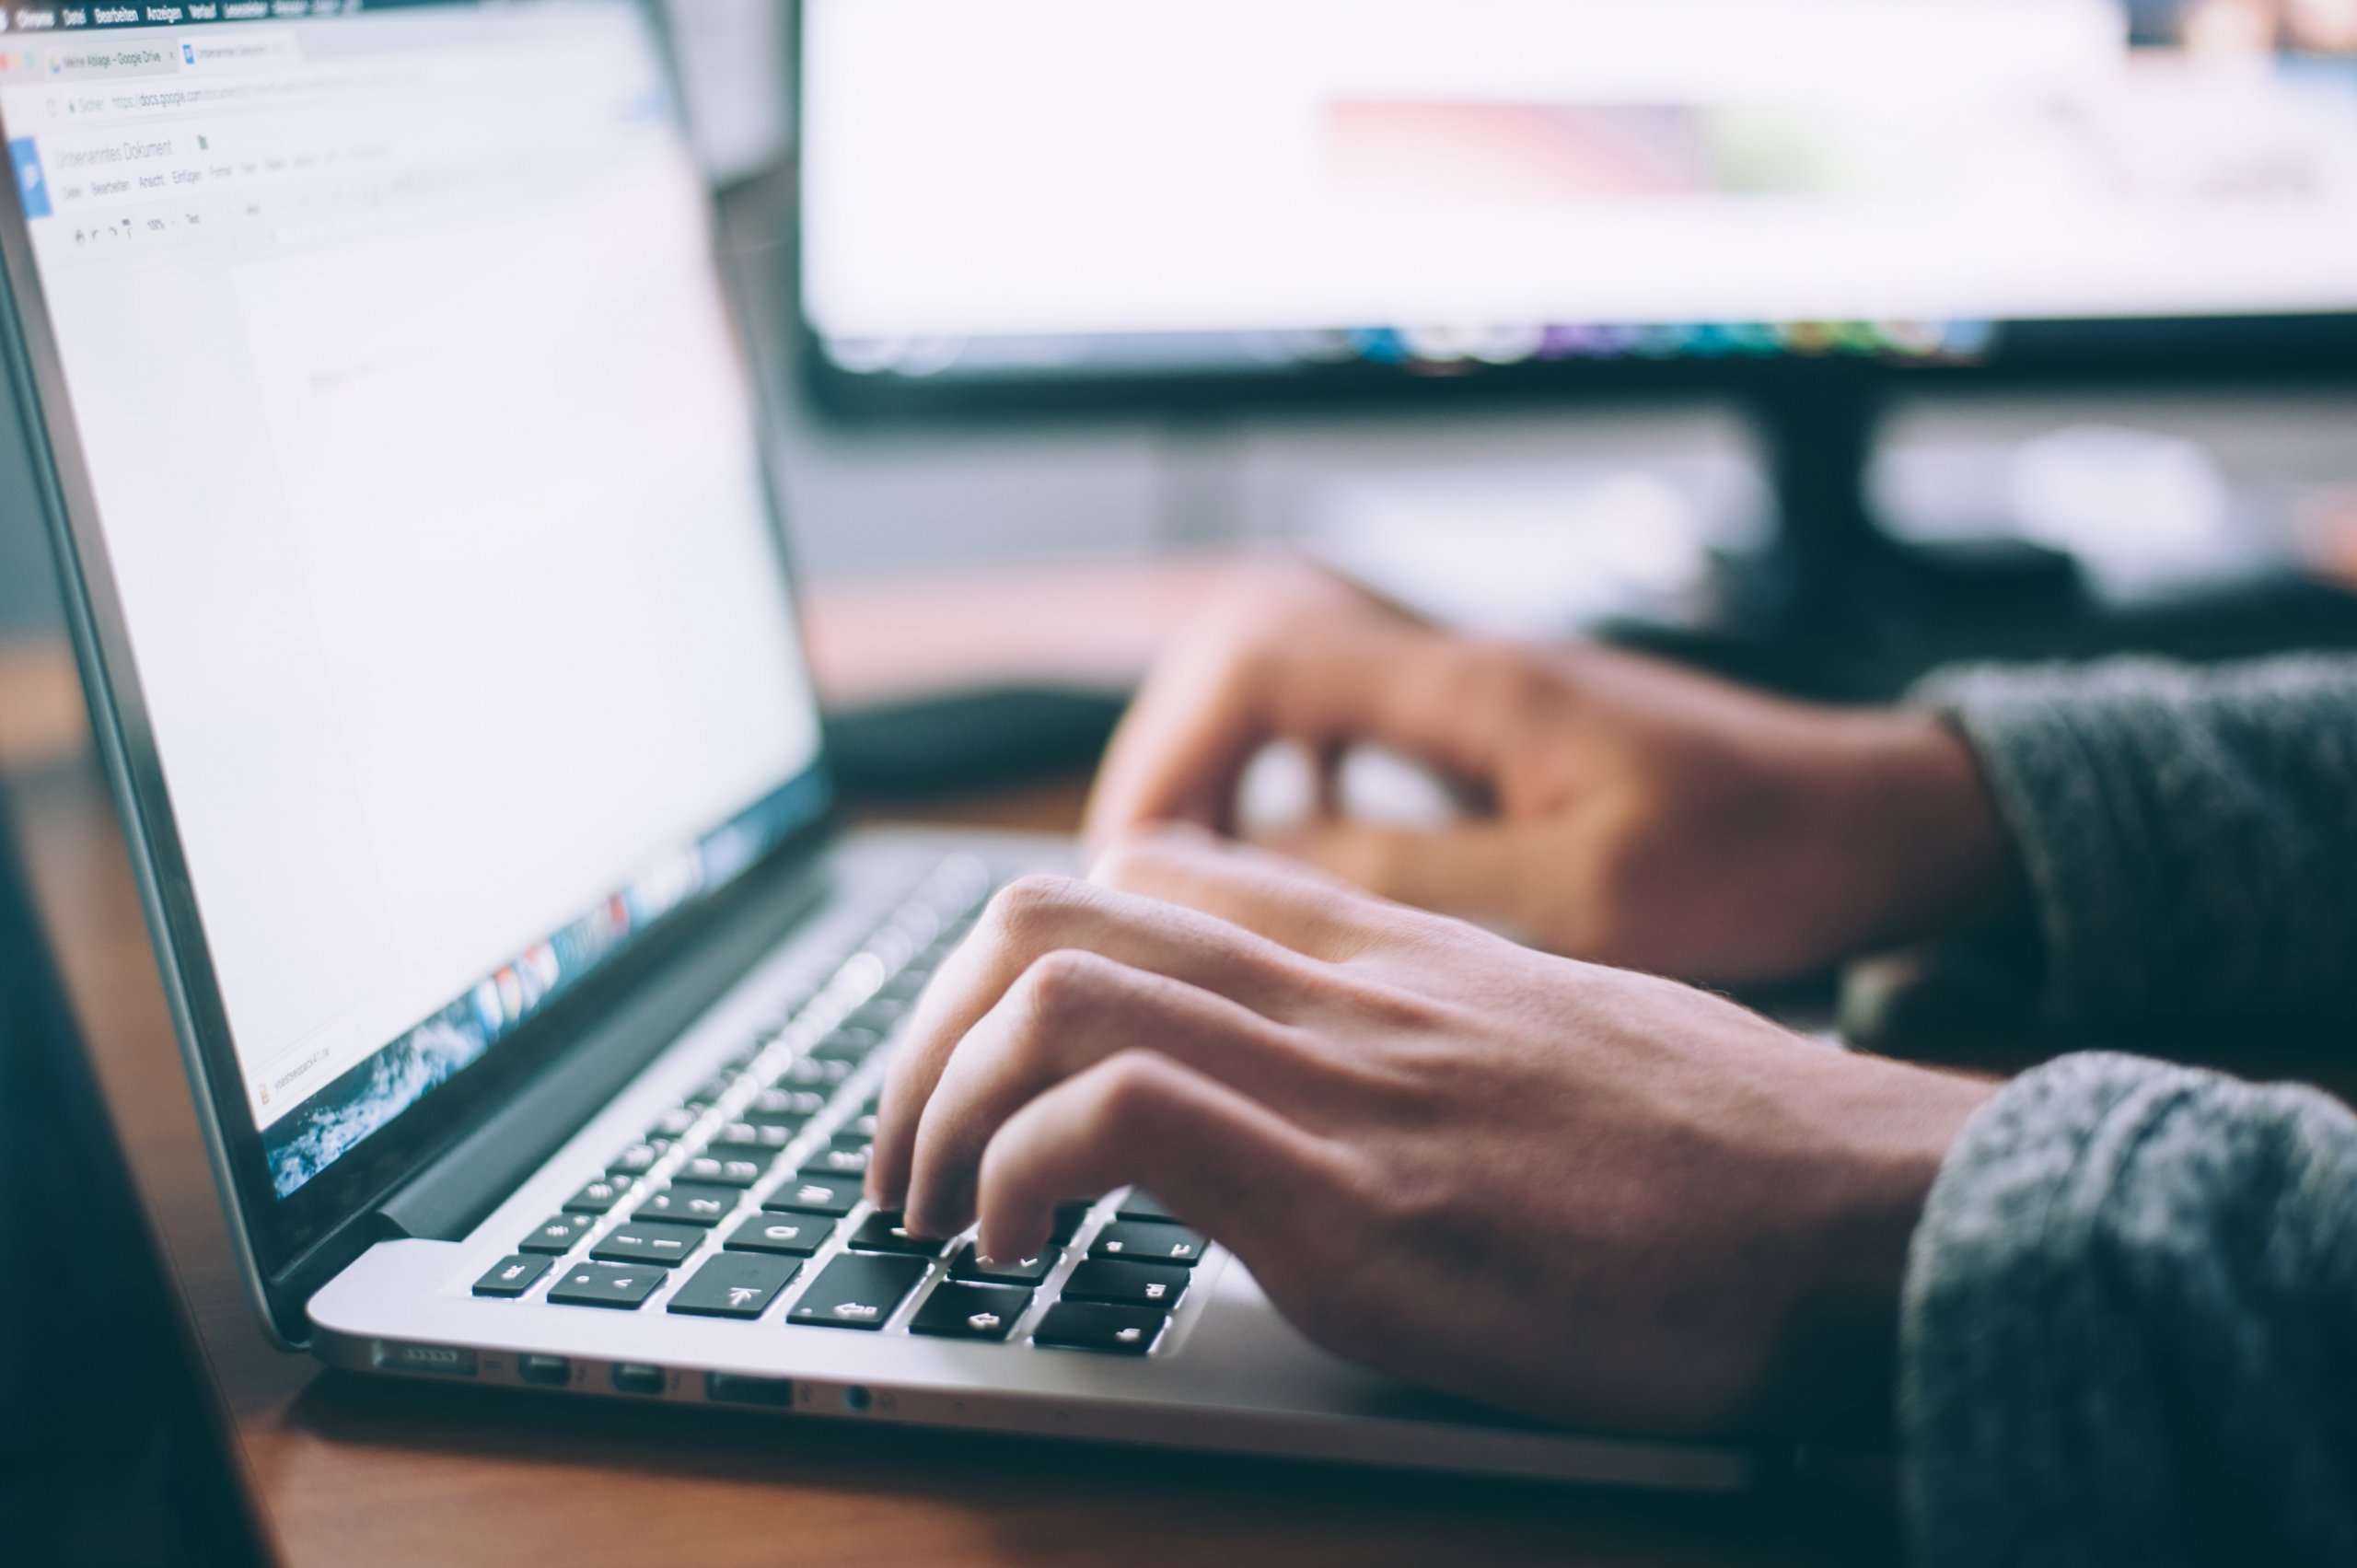 laptop-working